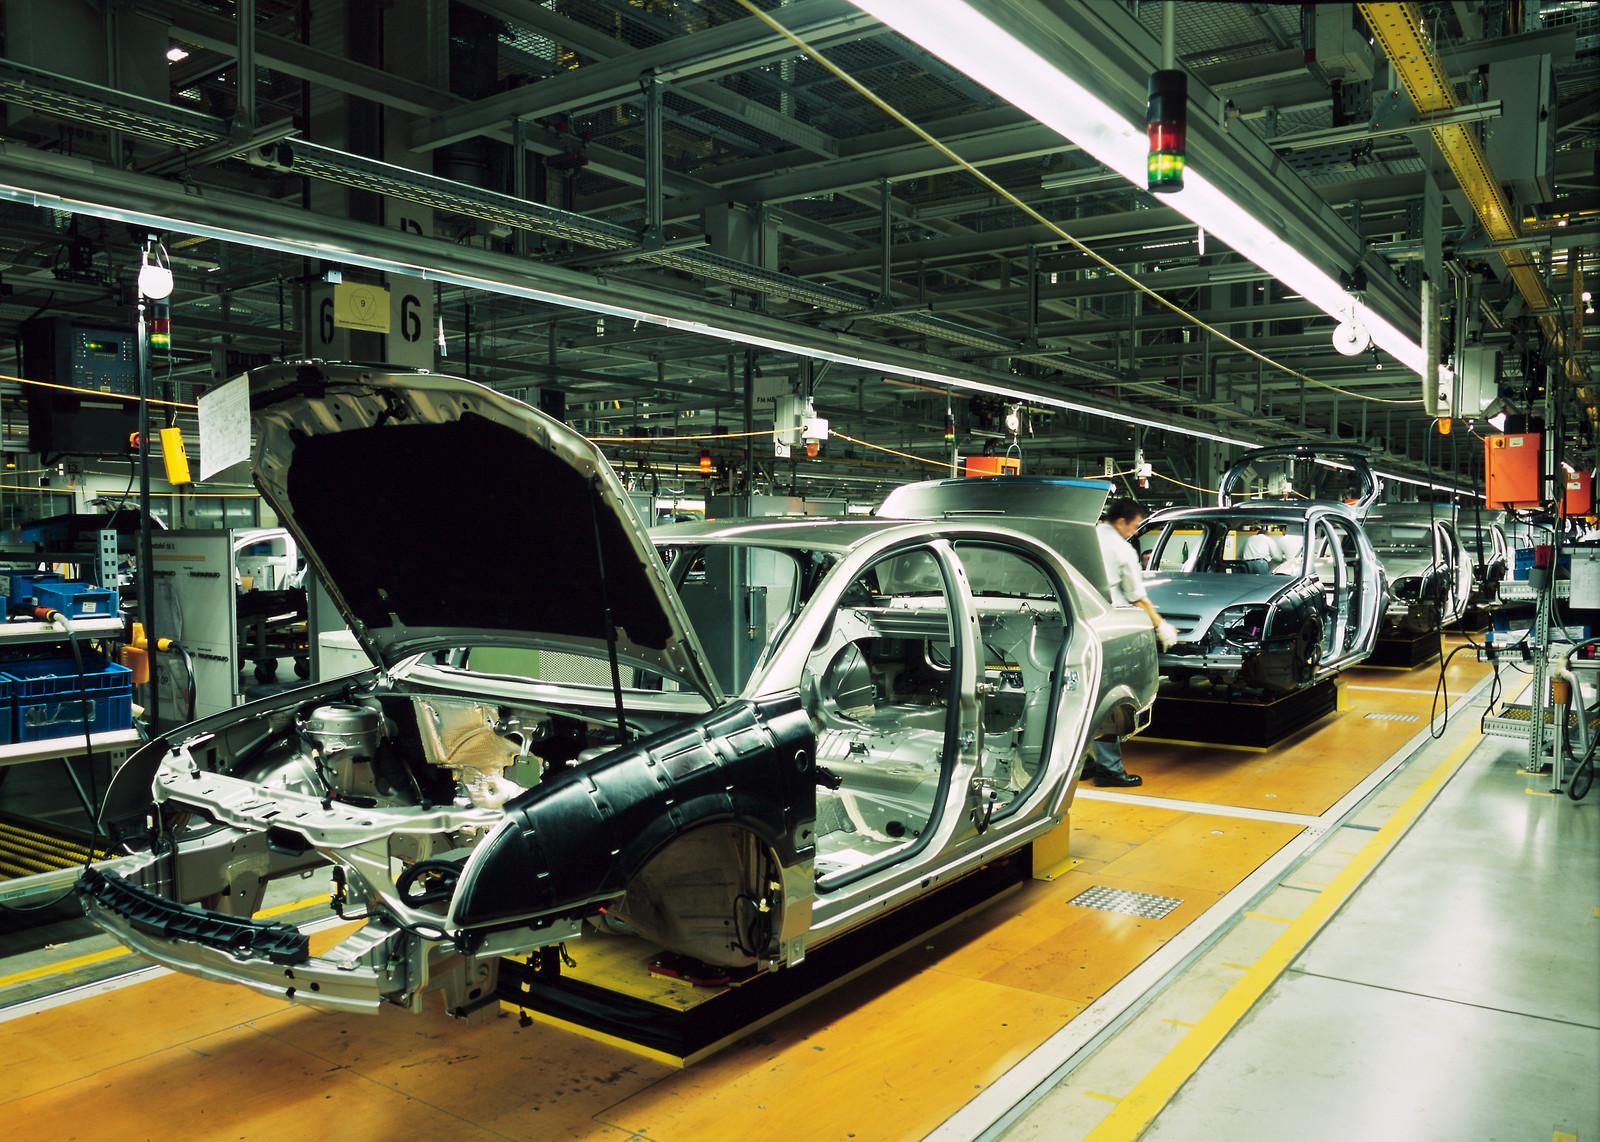 7a Manufacturing